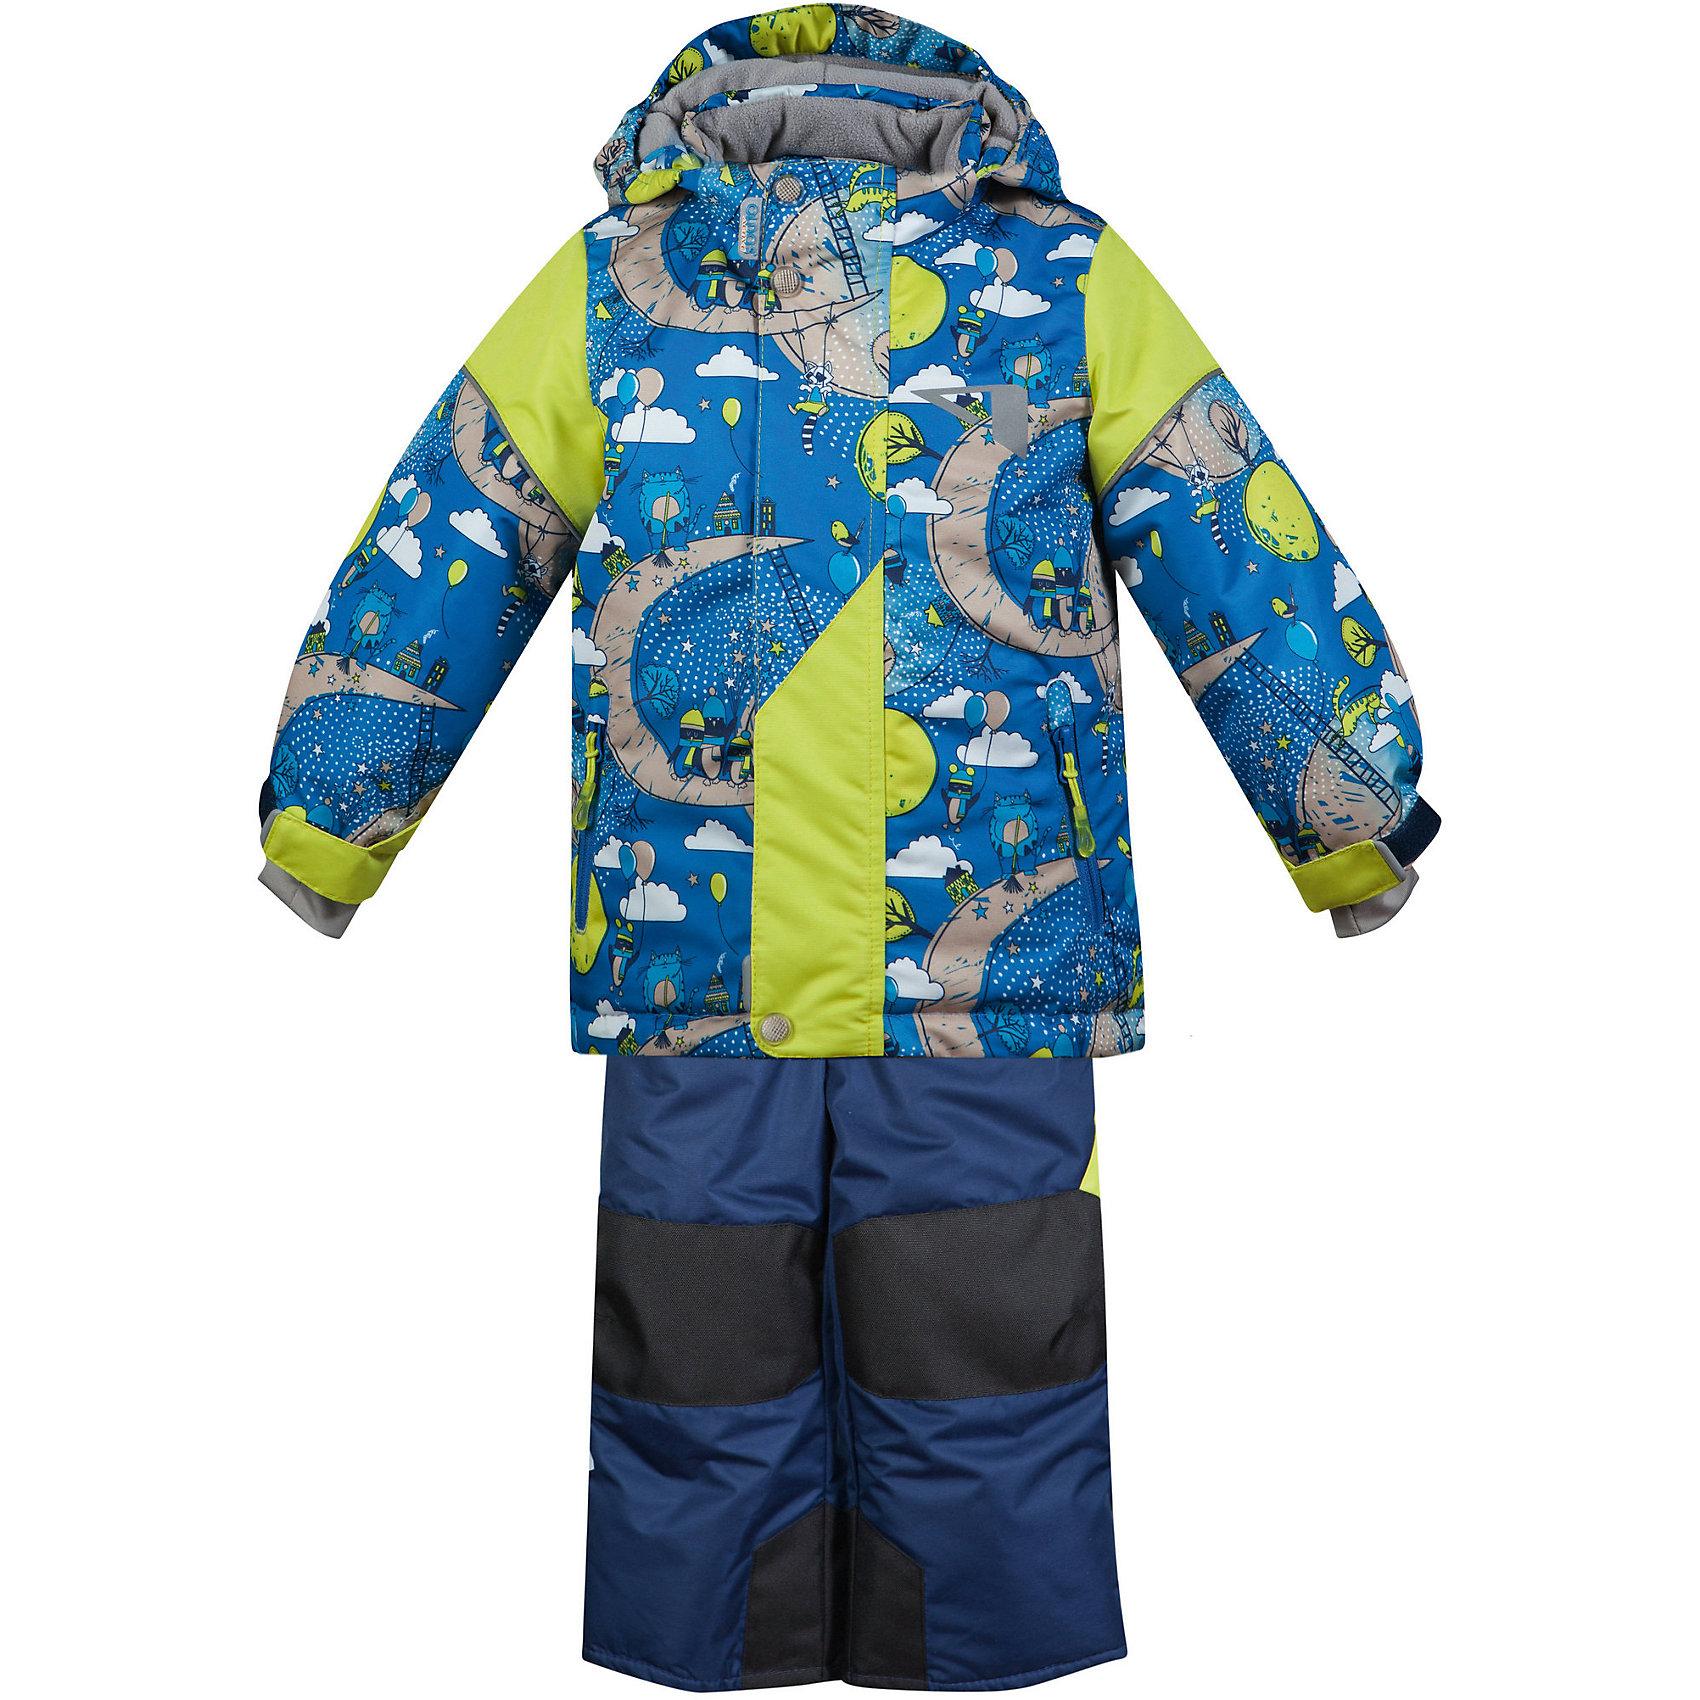 Комплект: куртка и полукомбинезон Нильс OLDOS для мальчикаВерхняя одежда<br>Характеристики товара:<br><br>• цвет: синий<br>• комплектация: куртка и полукомбинезон<br>• состав ткани: полиэстер, Teflon<br>• подкладка: флис<br>• утеплитель: Hollofan pro<br>• сезон: зима<br>• мембранное покрытие<br>• температурный режим: от -30 до +5<br>• водонепроницаемость: 5000 мм <br>• паропроницаемость: 5000 г/м2<br>• плотность утеплителя: куртка - 200 г/м2, полукомбинезон - 150 г/м2<br>• застежка: молния<br>• капюшон: без меха, съемный<br>• полукомбинезон усилен износостойкими вставками<br>• страна бренда: Россия<br>• страна изготовитель: Россия<br><br>Практичный детский комплект благодаря мембранной технологии защитит даже от сильного ветра и мороза. Теплый комплект для мальчика дополнен элементами, помогающими подогнать его размер под ребенка. Стильный зимний комплект от бренда Oldos отличается мягкой подкладкой, прочным верхом и теплым наполнителем. <br><br>Комплект: куртка и полукомбинезон Нильс Oldos (Олдос) для мальчика можно купить в нашем интернет-магазине.<br><br>Ширина мм: 356<br>Глубина мм: 10<br>Высота мм: 245<br>Вес г: 519<br>Цвет: синий<br>Возраст от месяцев: 36<br>Возраст до месяцев: 48<br>Пол: Мужской<br>Возраст: Детский<br>Размер: 104,86,92,98<br>SKU: 7015717